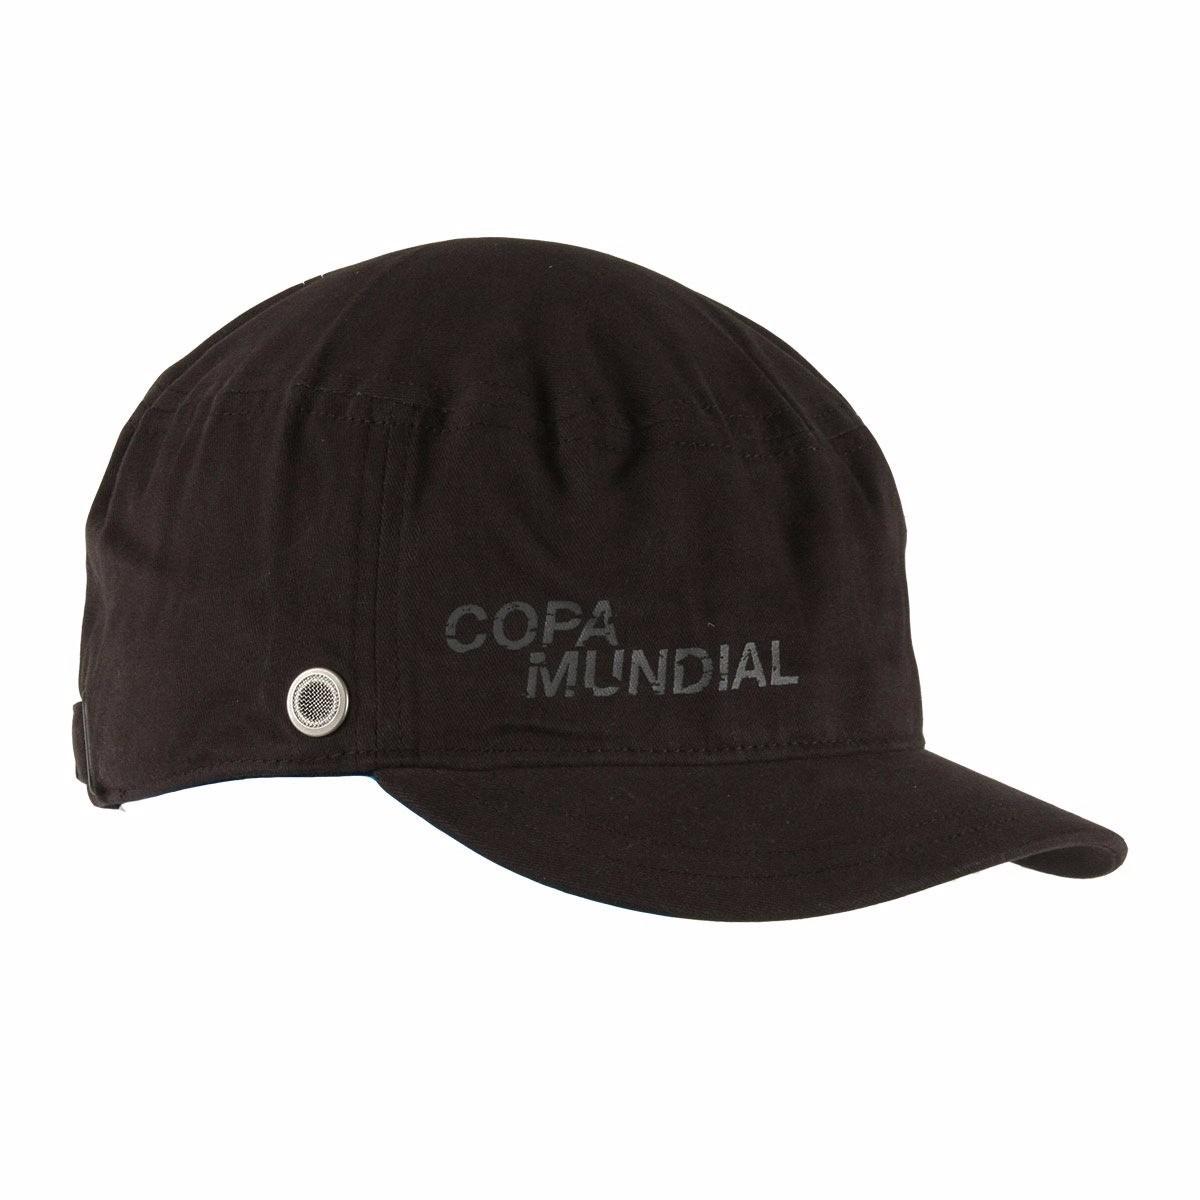 Boné Preto adidas Copa Cuban Cap Estilo Militar Hip Hop Wear - R  79 ... 607f7cb986c